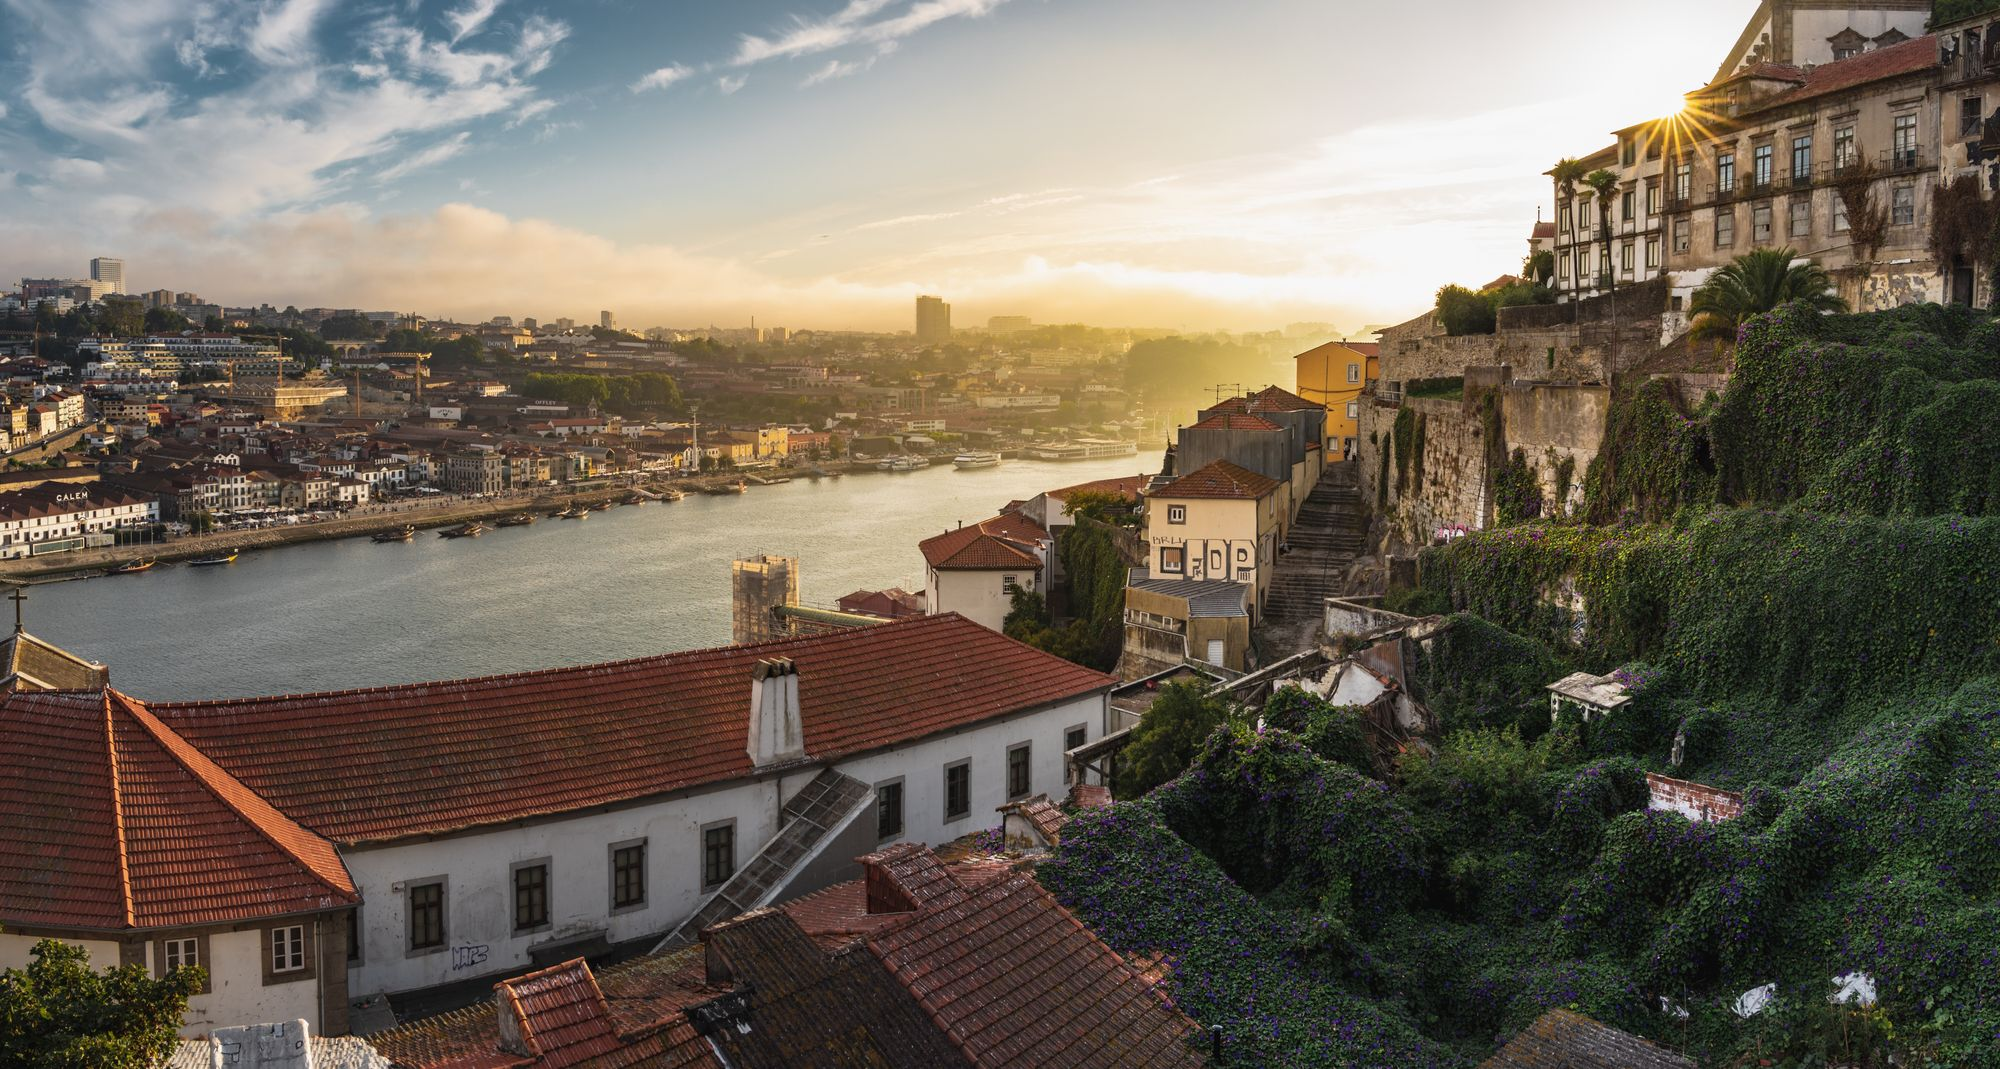 vue sur le Douro dans la ville de Porto au Portugal